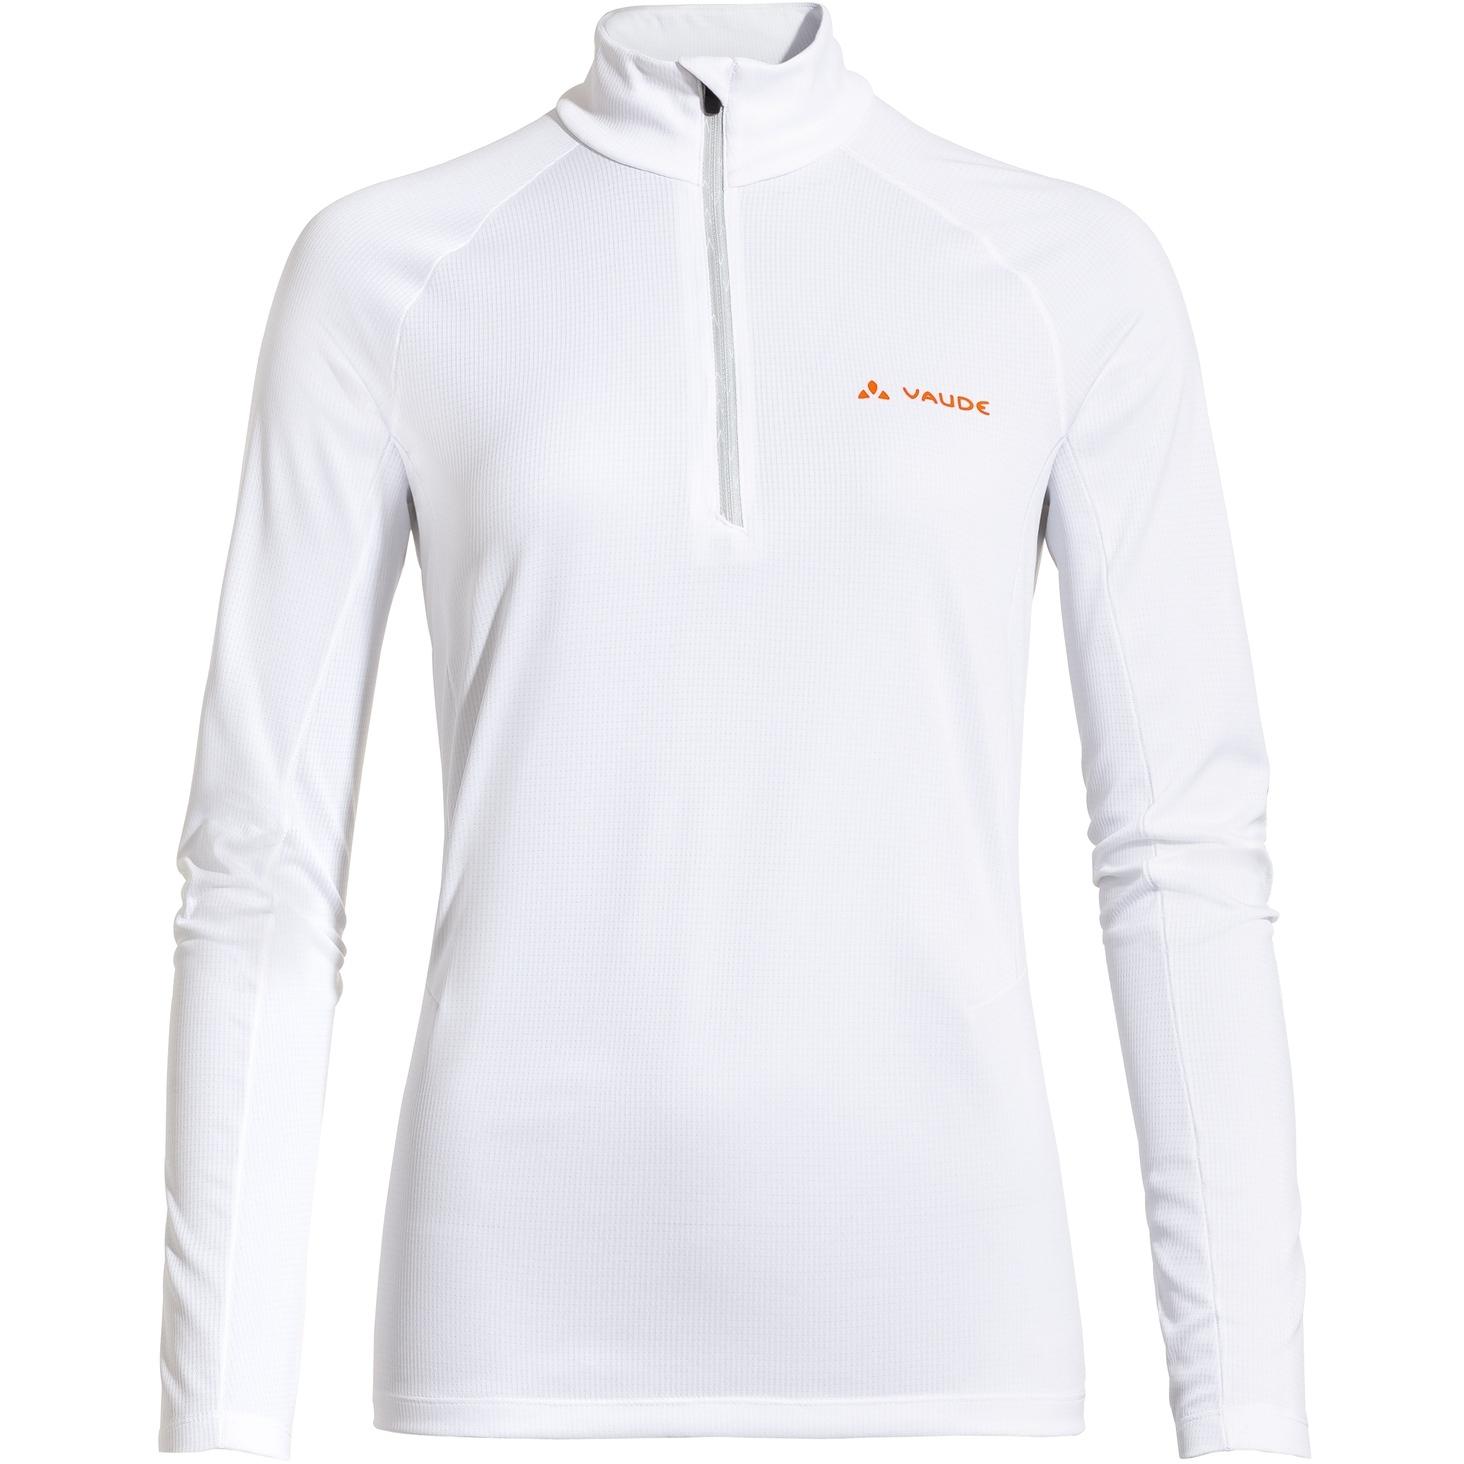 Vaude Women's Larice Light Shirt II - white